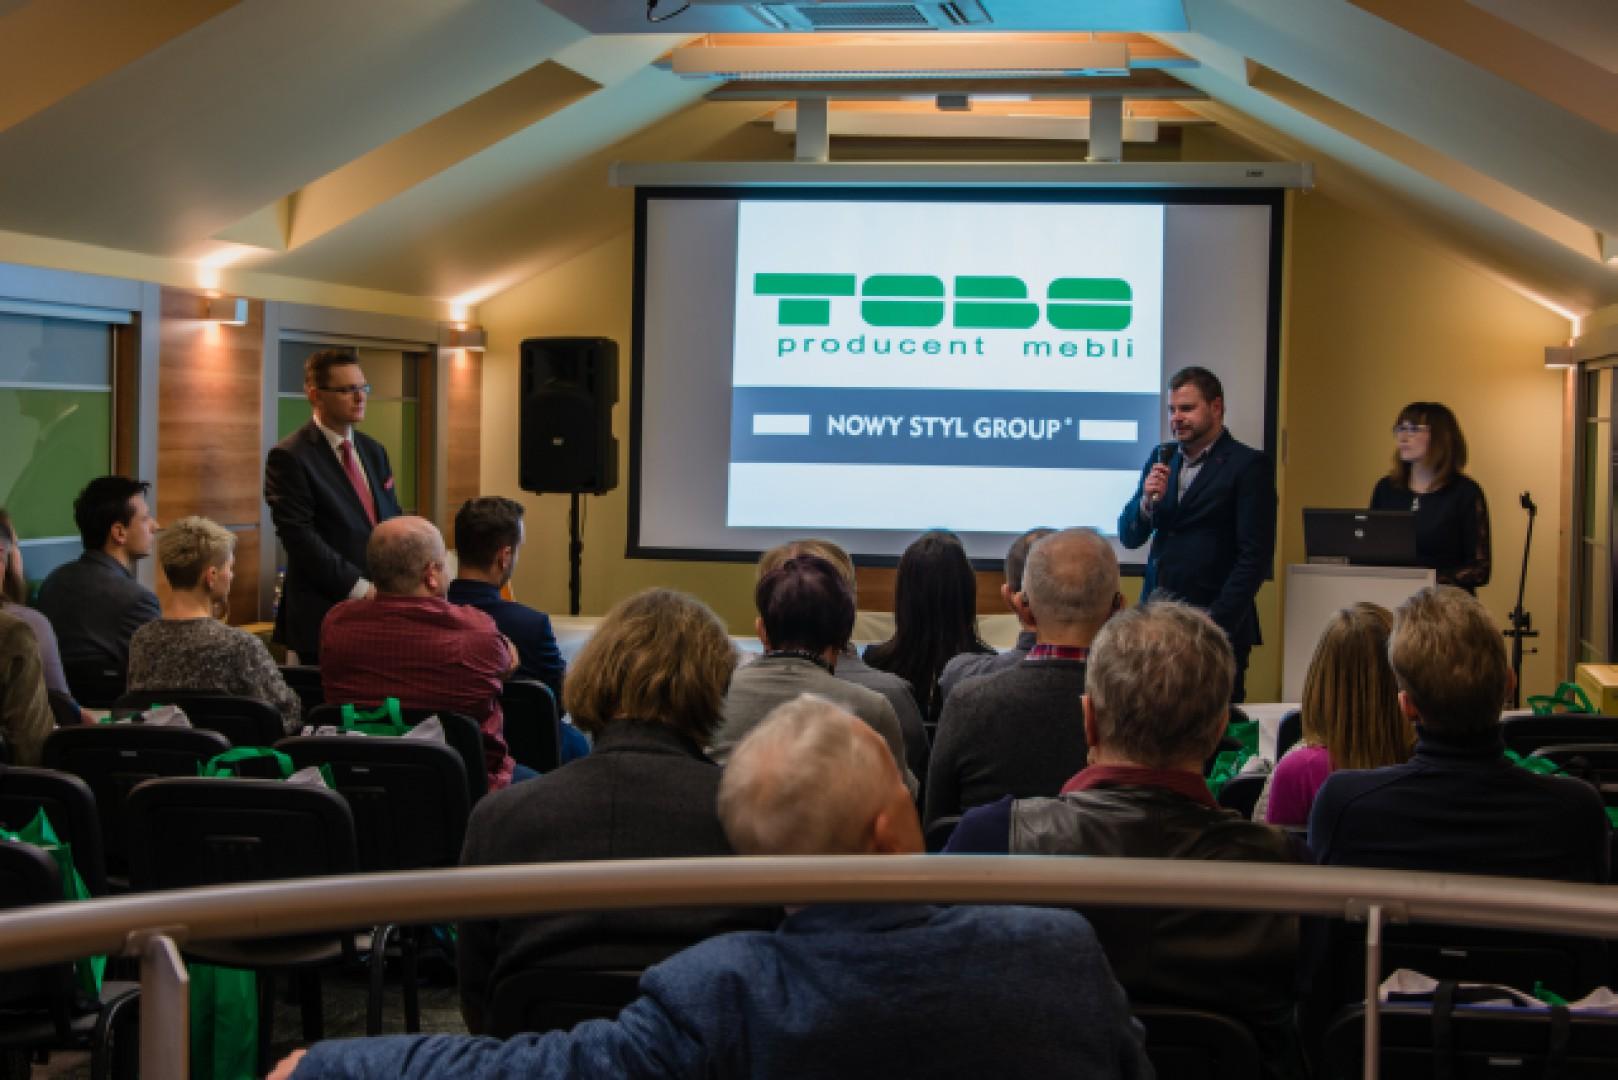 Firma Tobo zorganizowała szkolenie dla architektów. Fot. Tobo